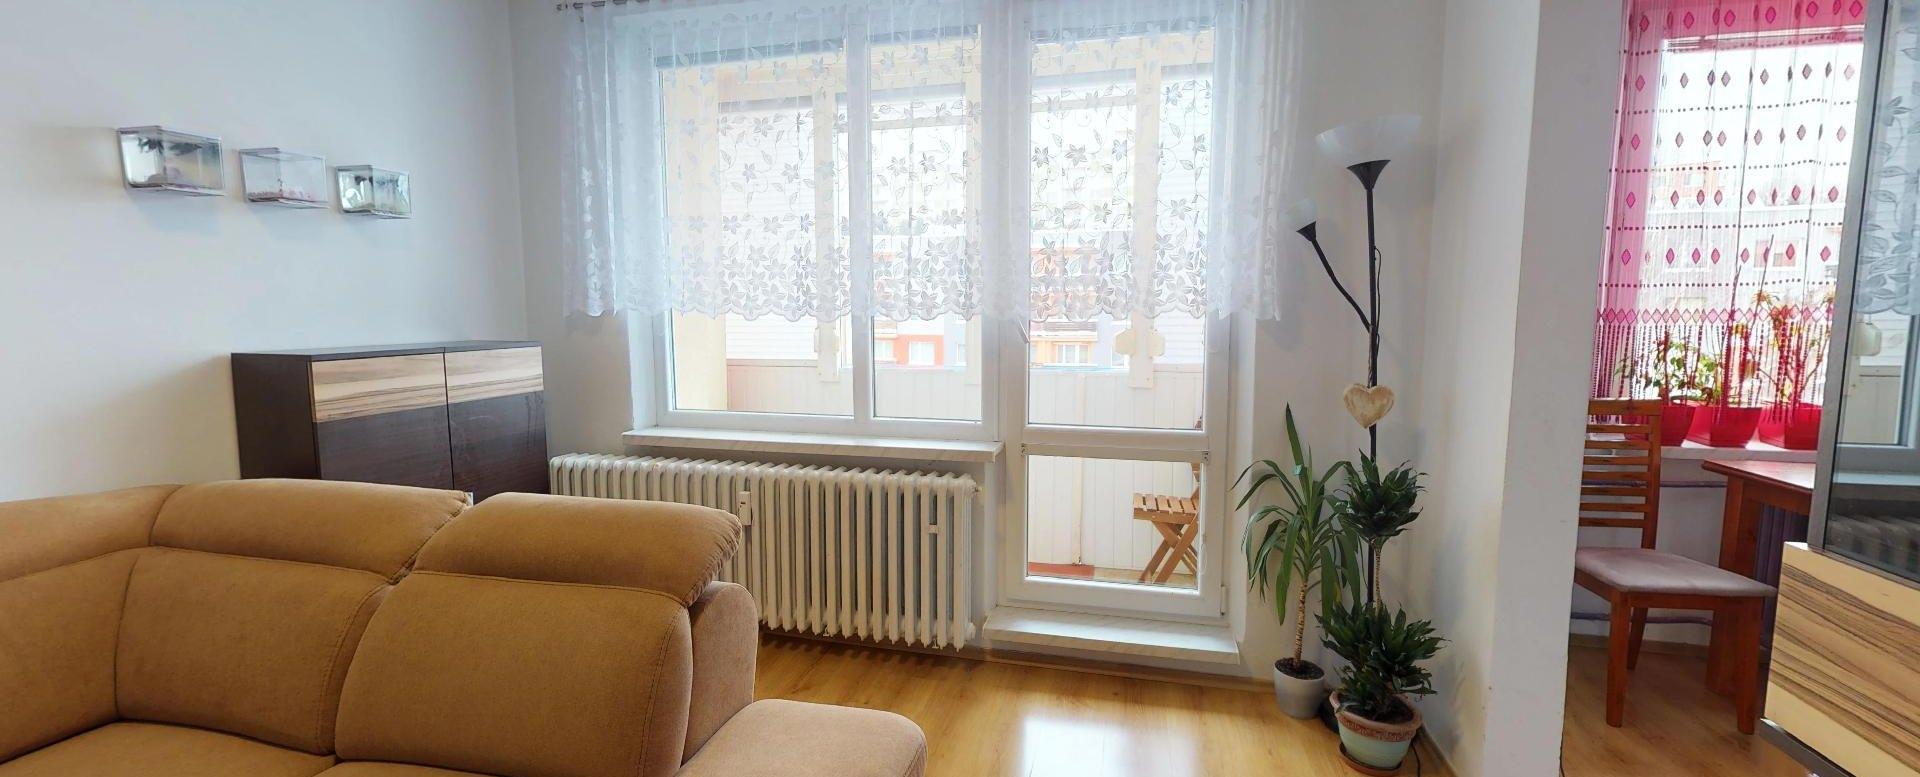 Pohľad v obývacej izbe na lodžiu